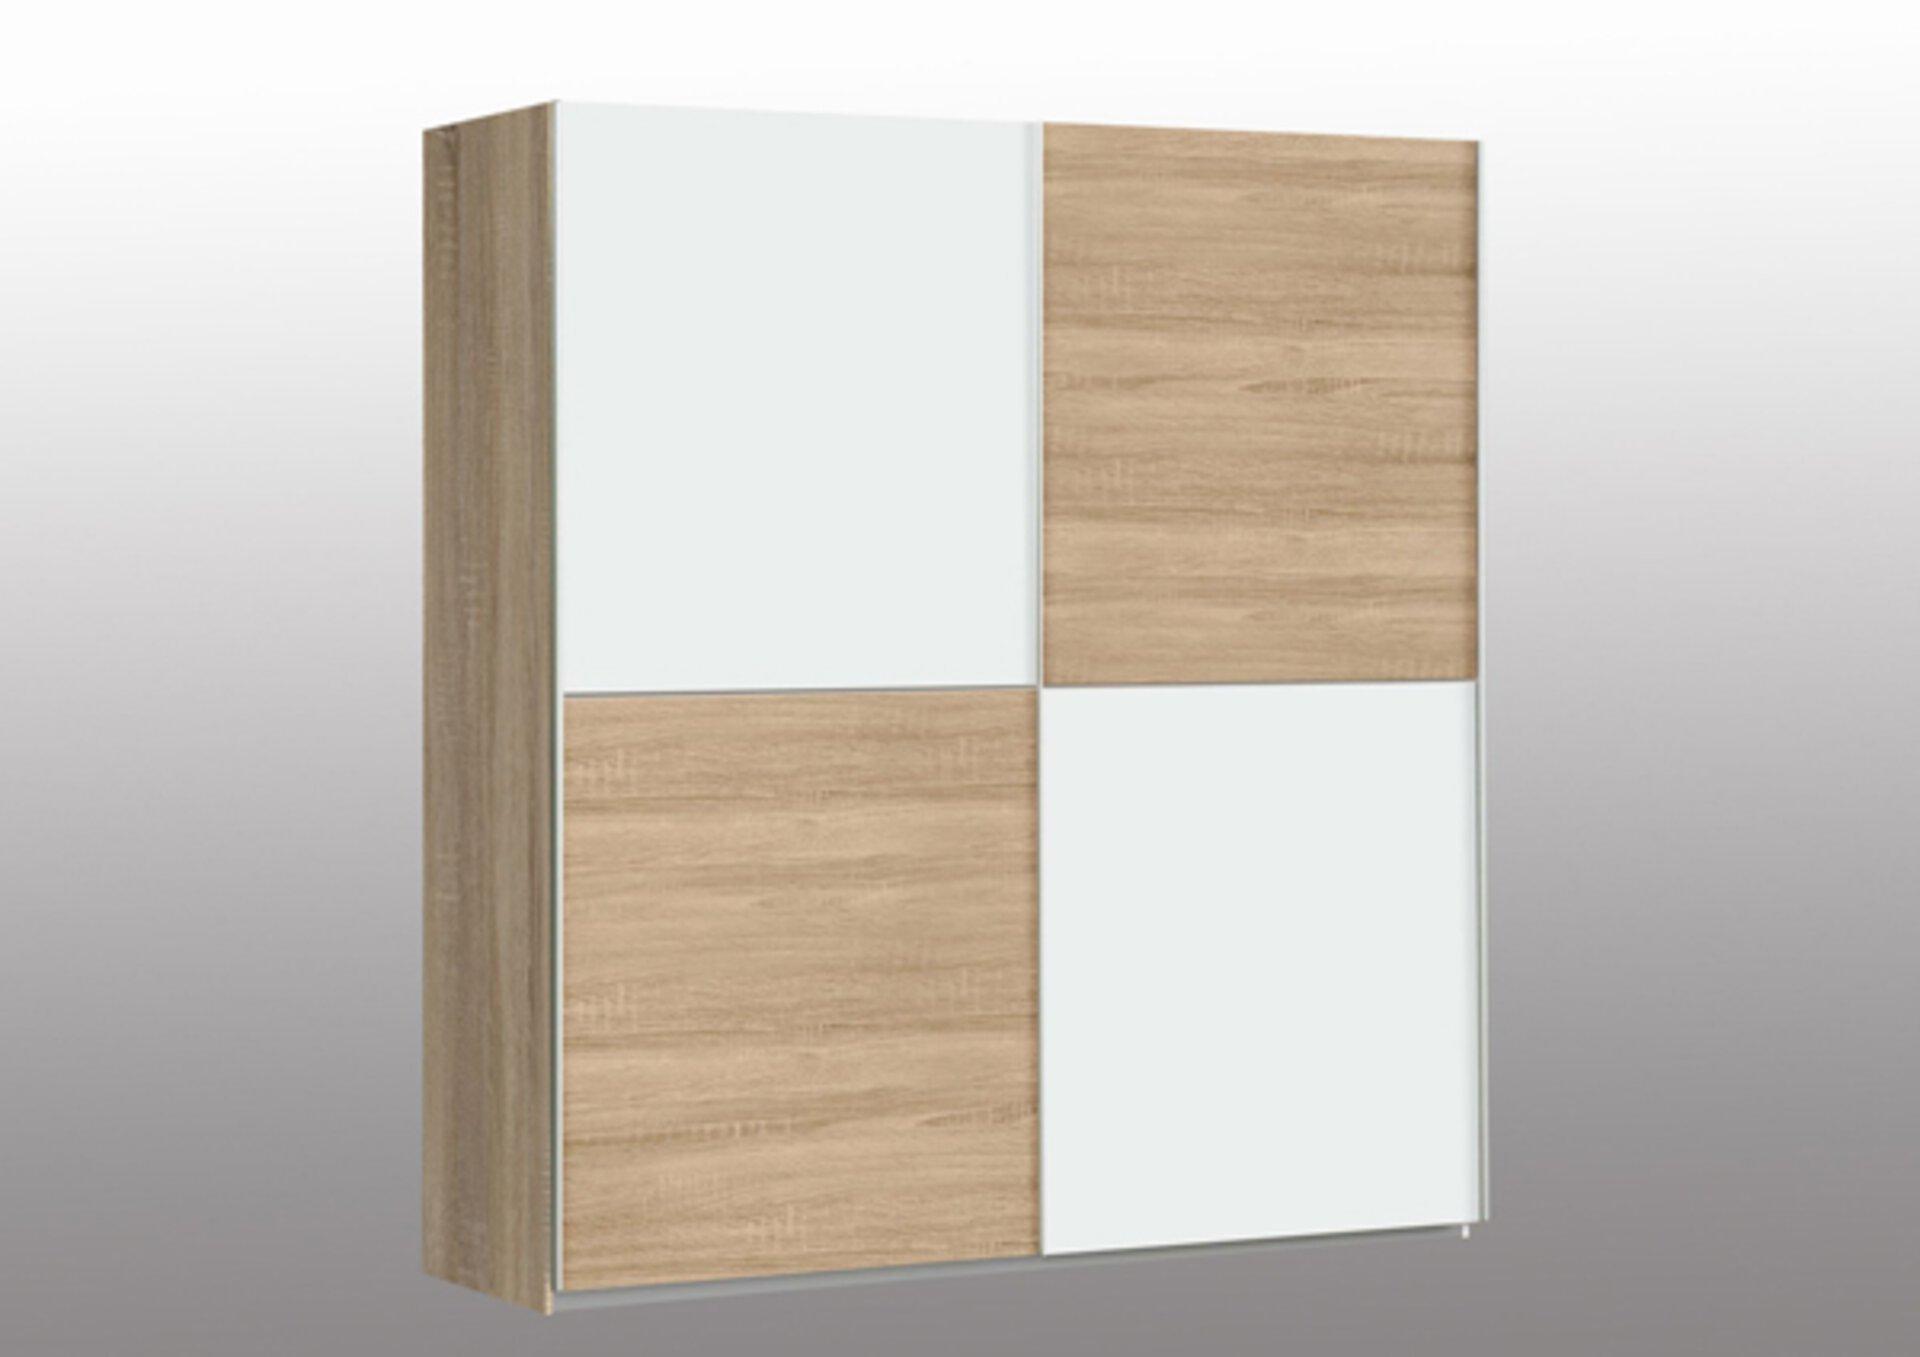 Schwebetürenschrank Dallas DLSS822X1 Dreamoro Holzwerkstoff 61 x 191 x 171 cm